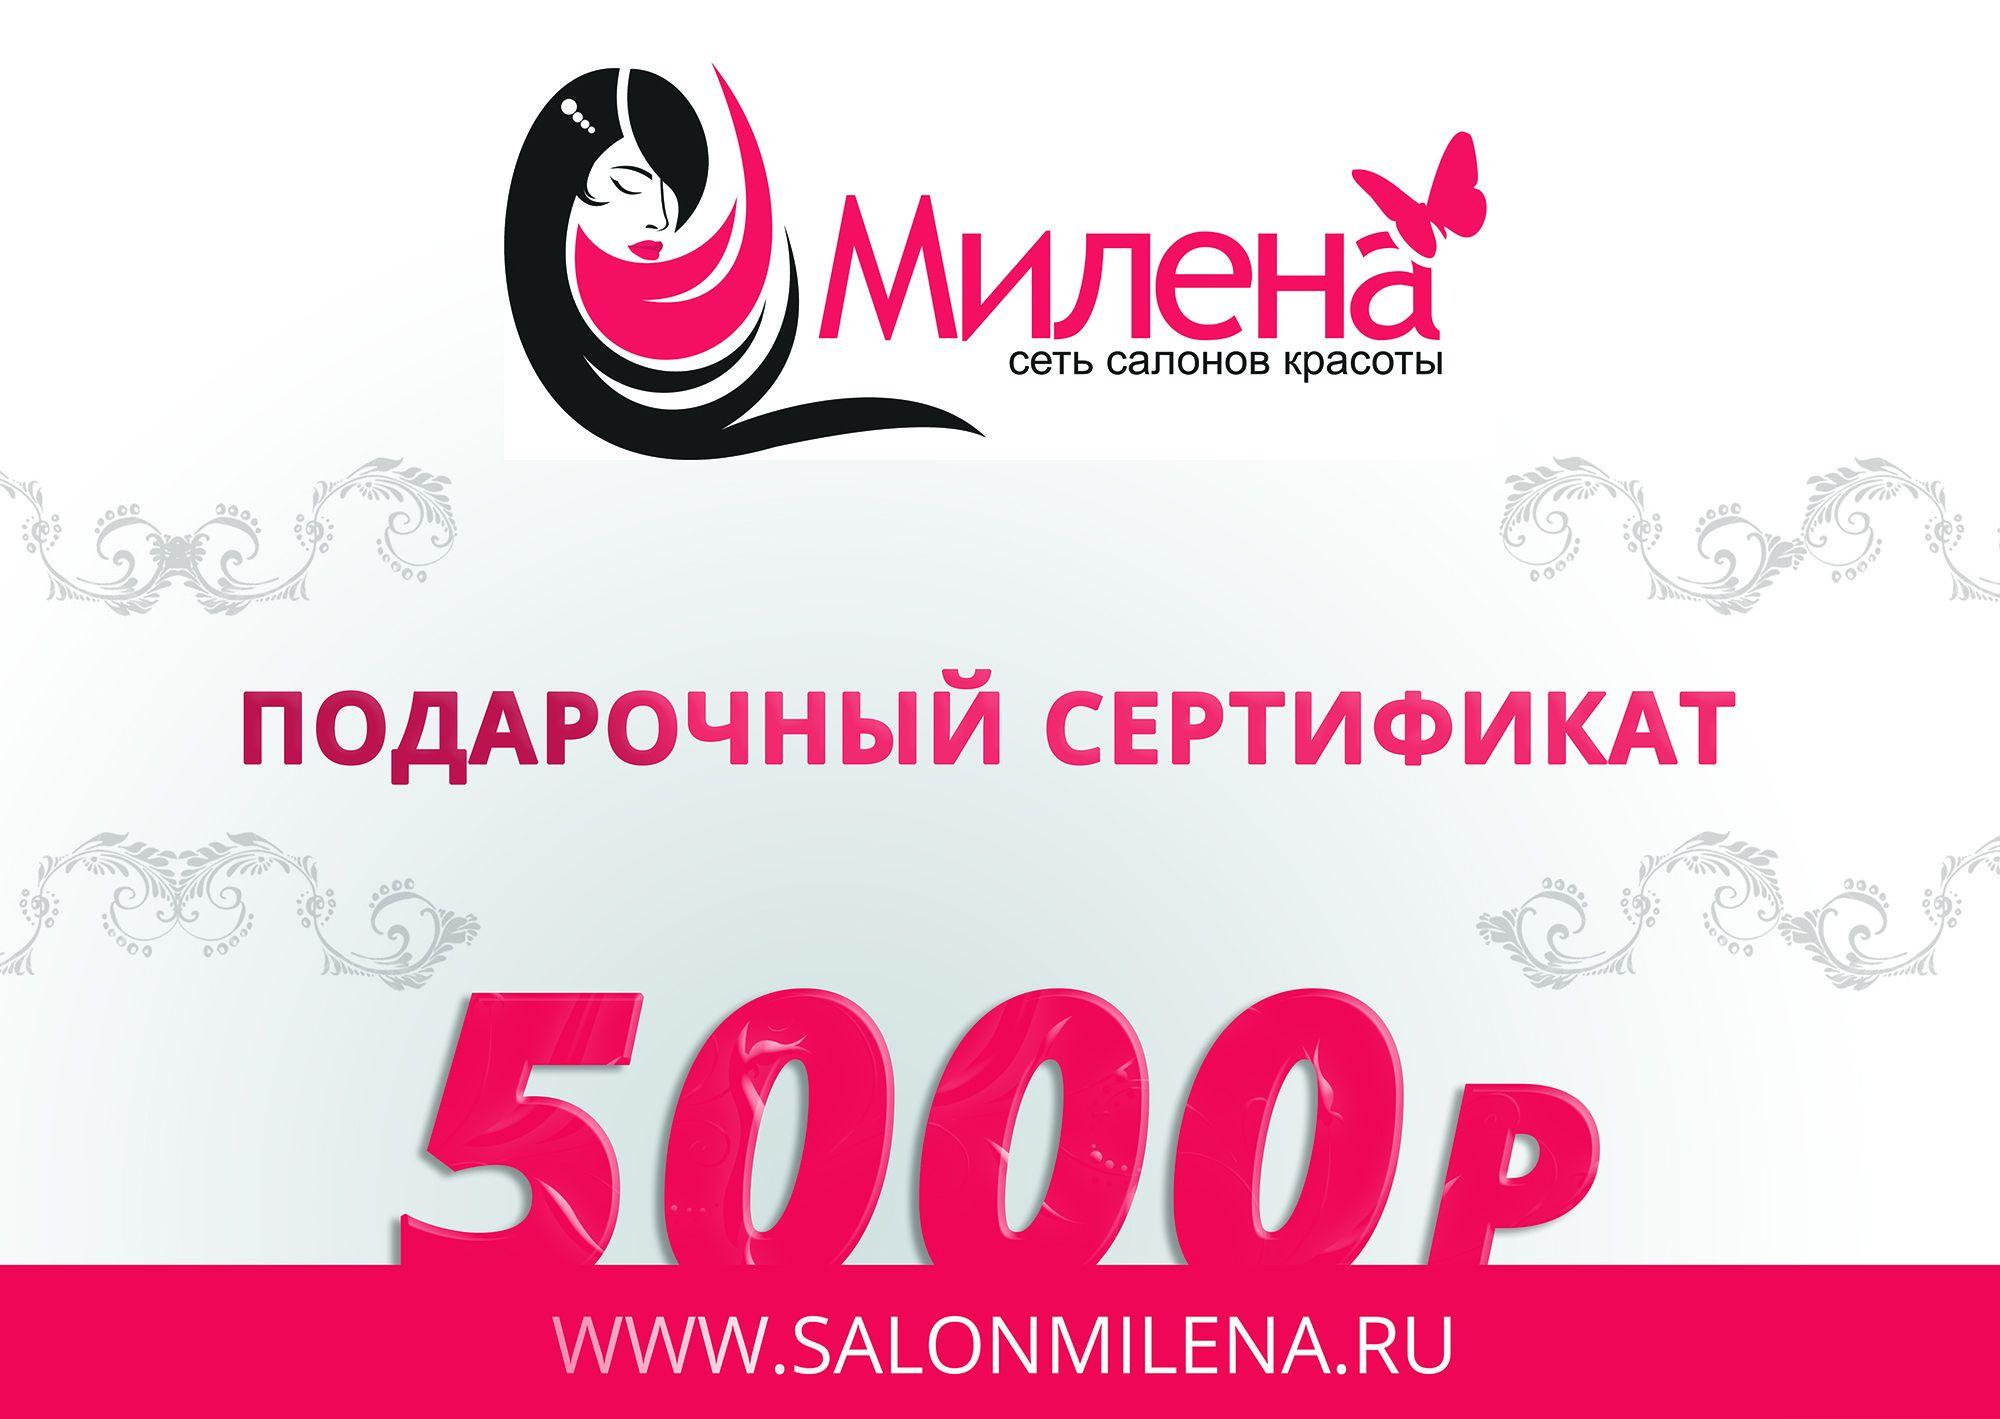 Подарочный сертификат для салона красоты - дизайнер rom1114191